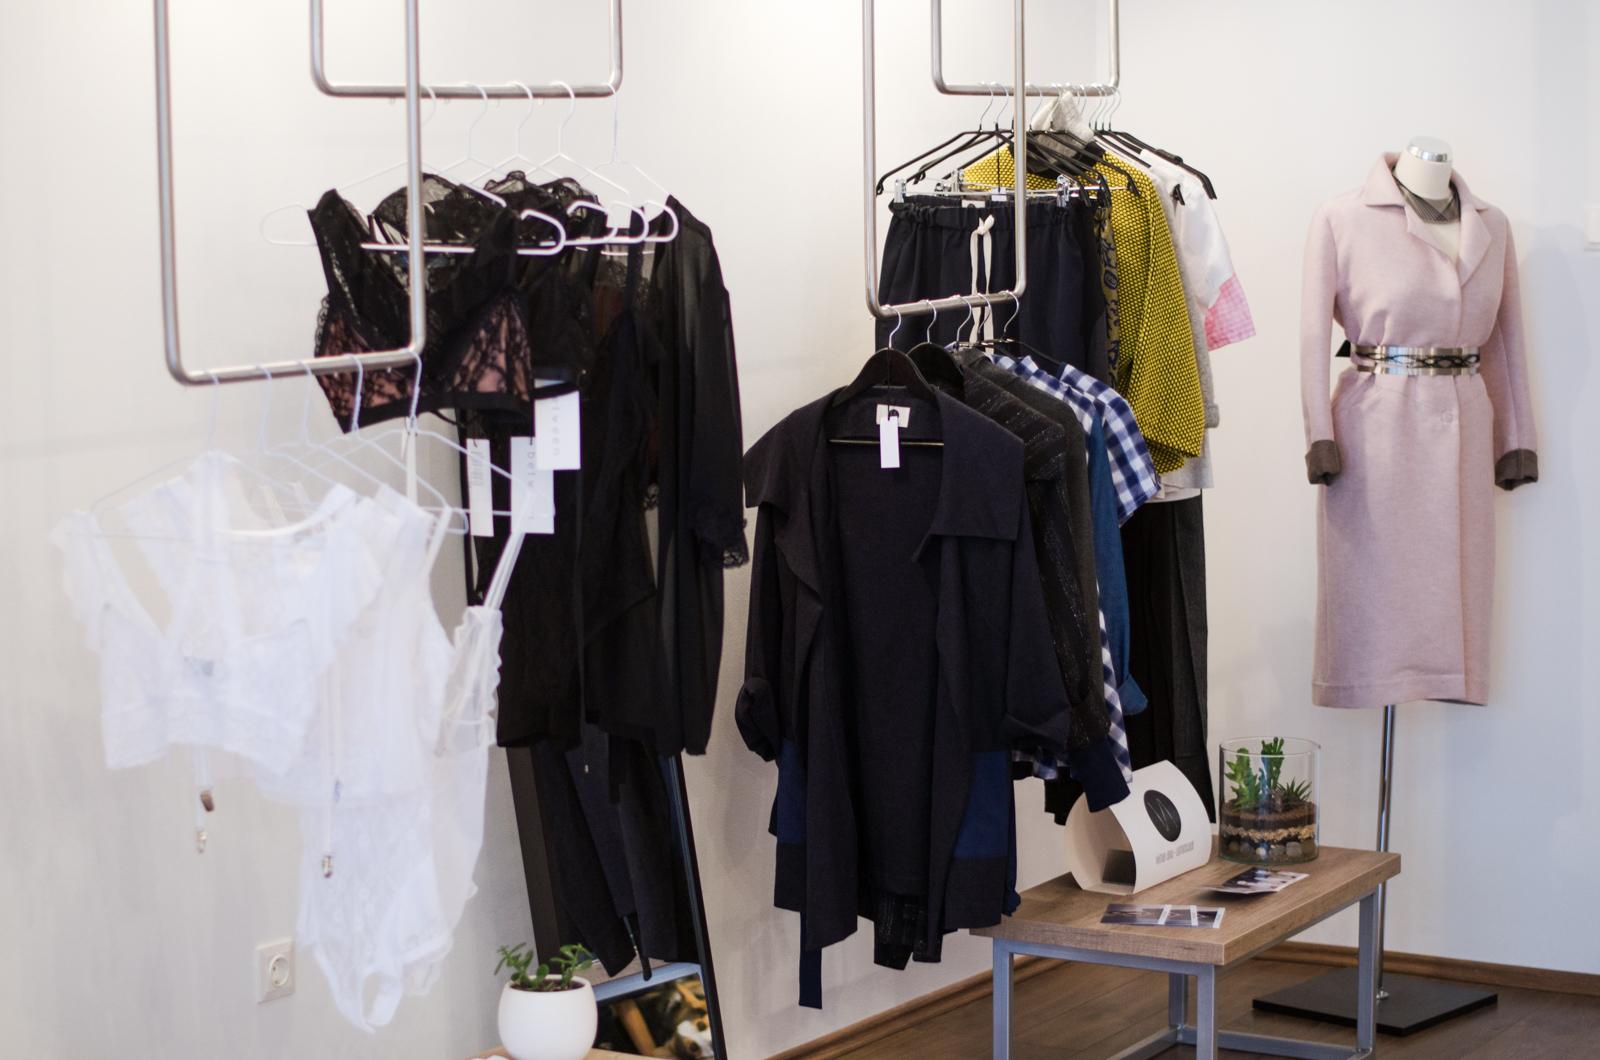 9. kép: Between és Vikman Anna womenswear kollekciói